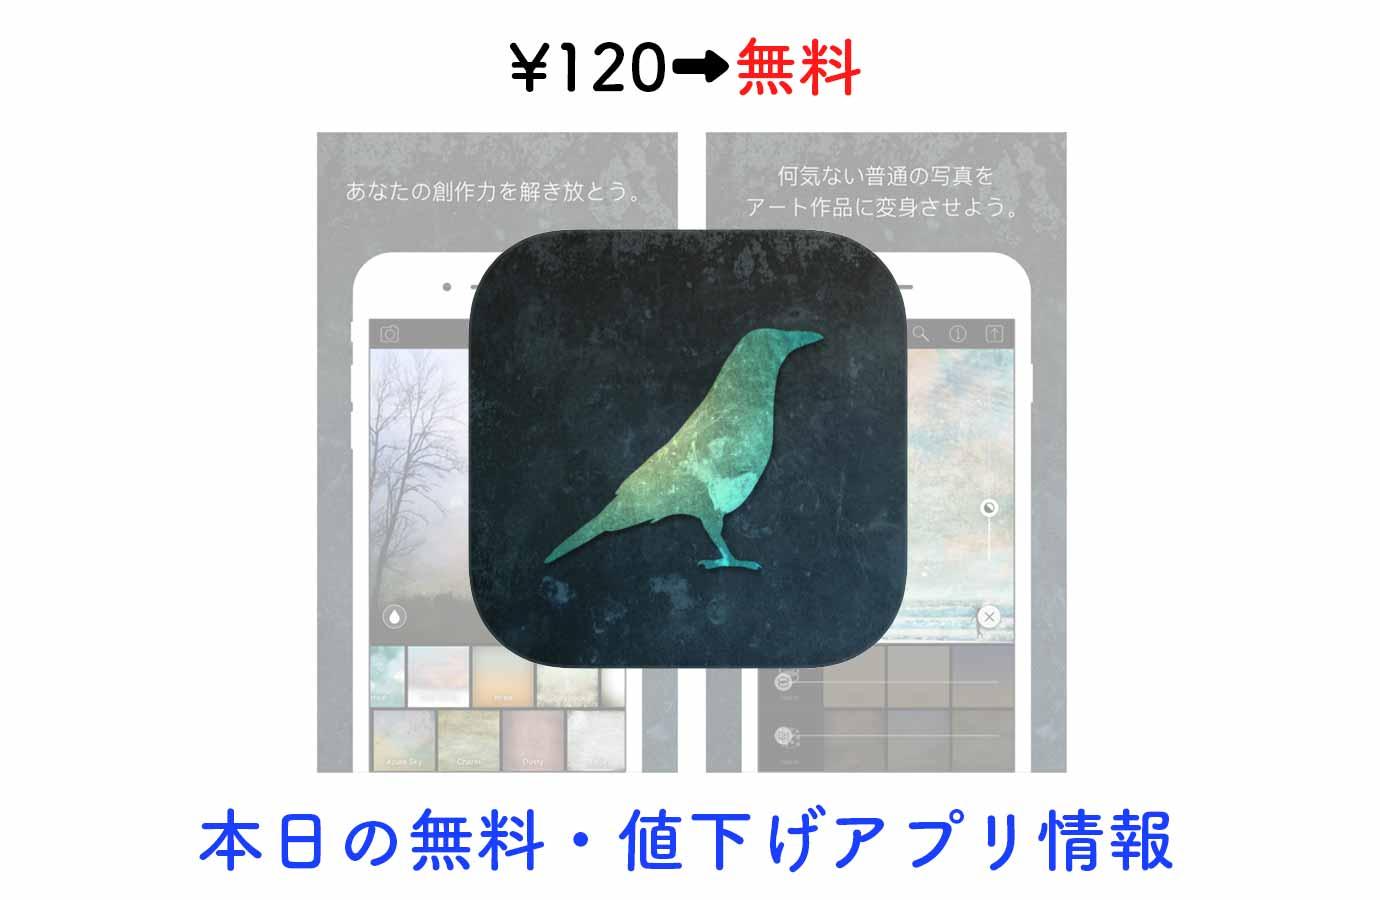 ¥120→無料、写真を絵画のように加工できる「Distressed FX」など【8/6】本日の無料・値下げアプリ情報